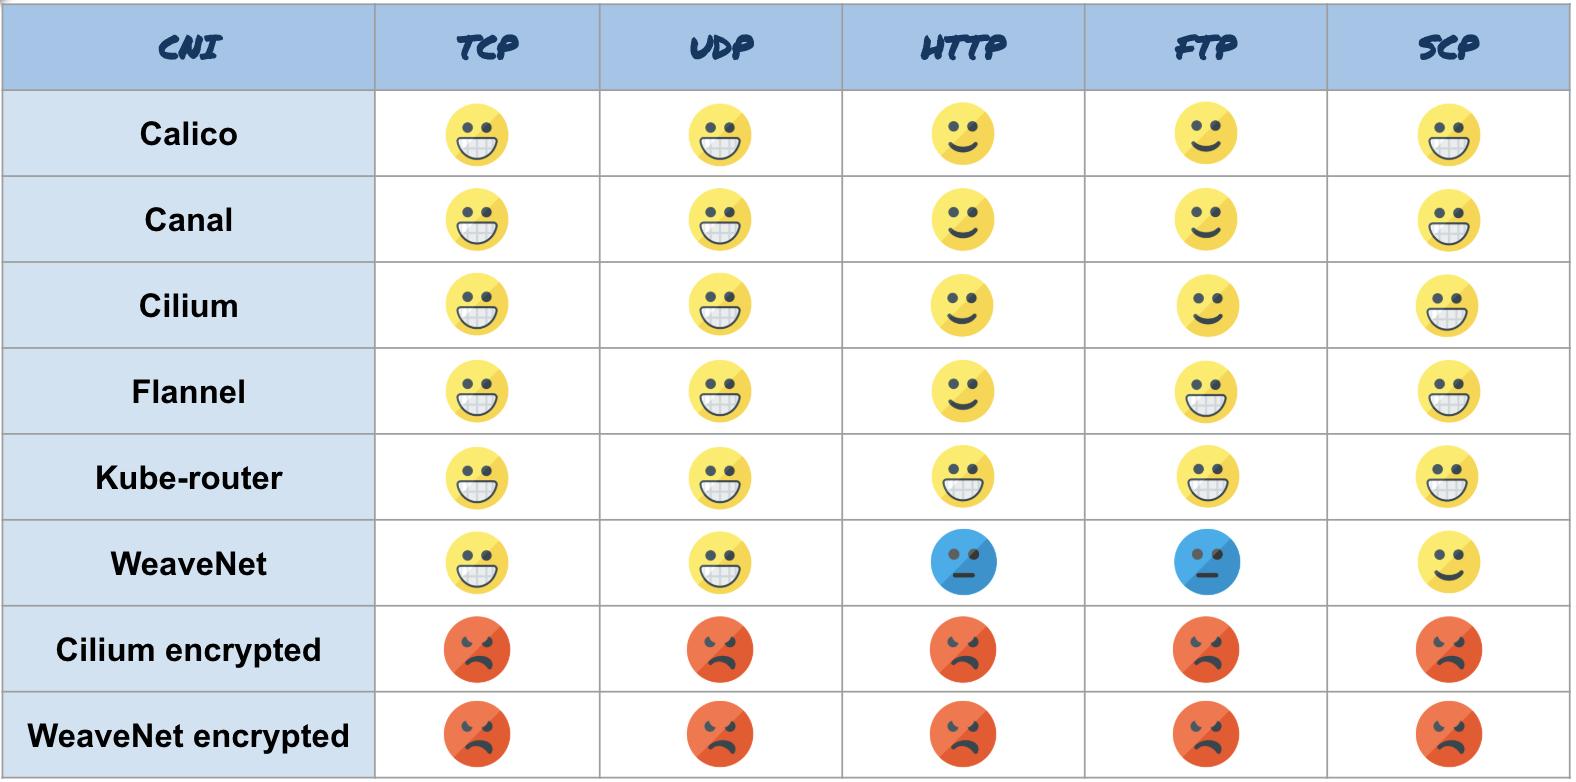 Результаты бенчмарка сетевых плагинов Kubernetes (CNI) по сети 10 Гбит-с (обновлено: апрель 2019) - 11